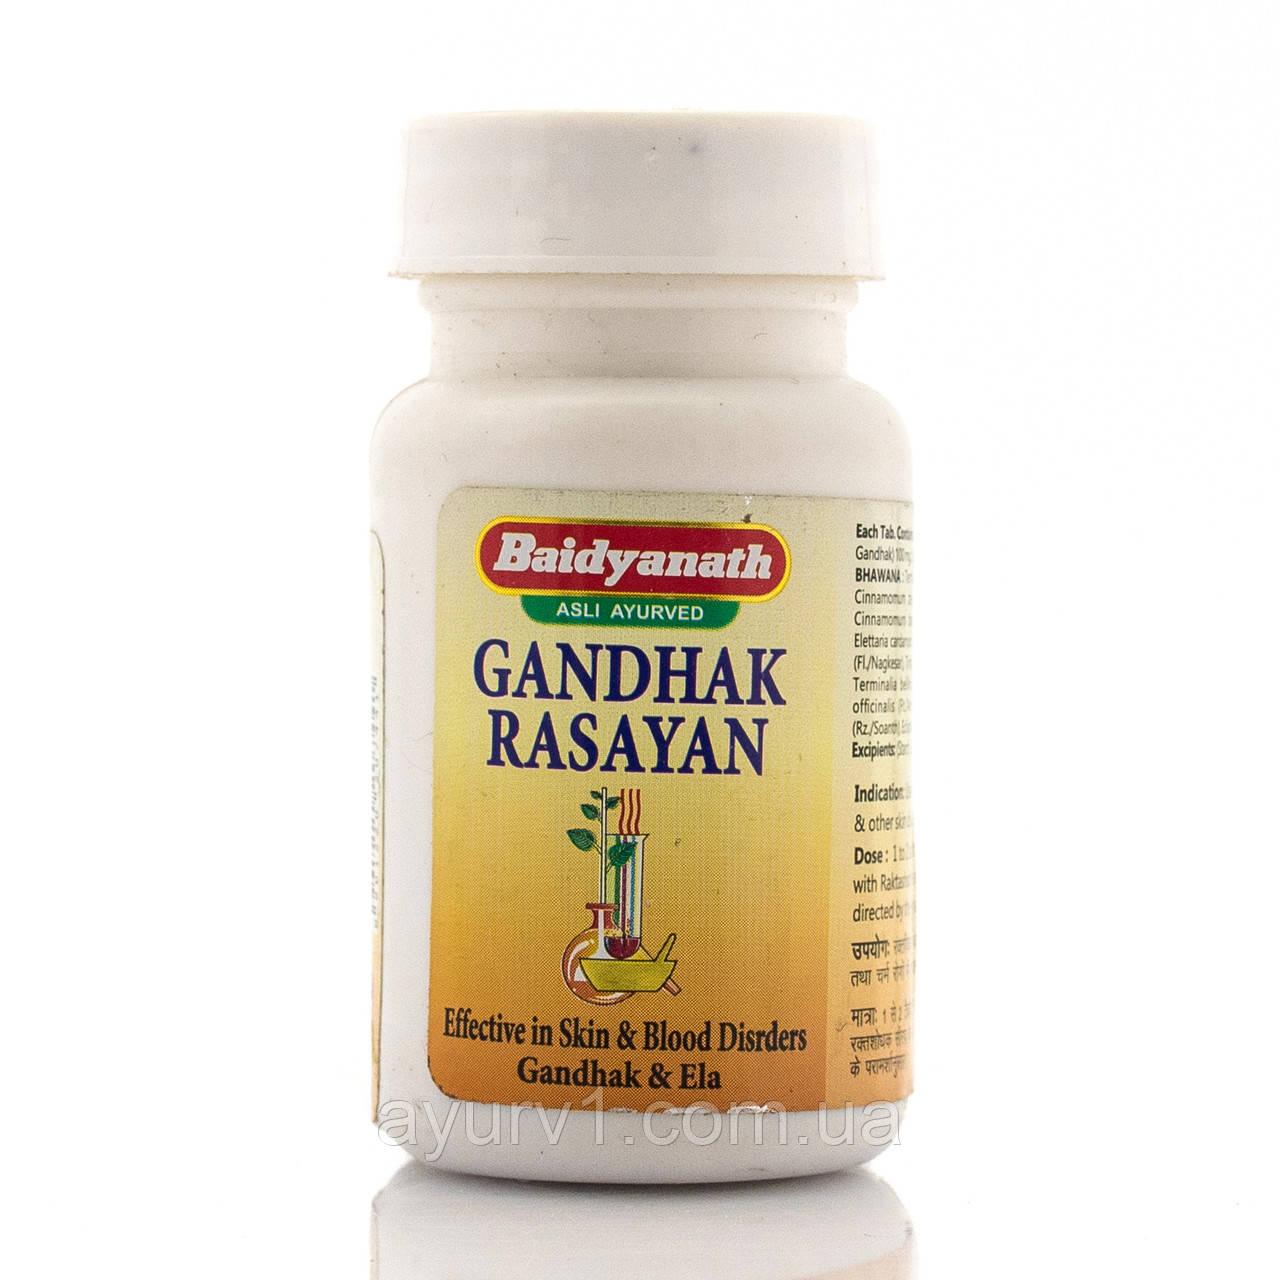 Гандхак расаяна, Байдинах / Gandhak rasayan, Baidyanath / 40 таб